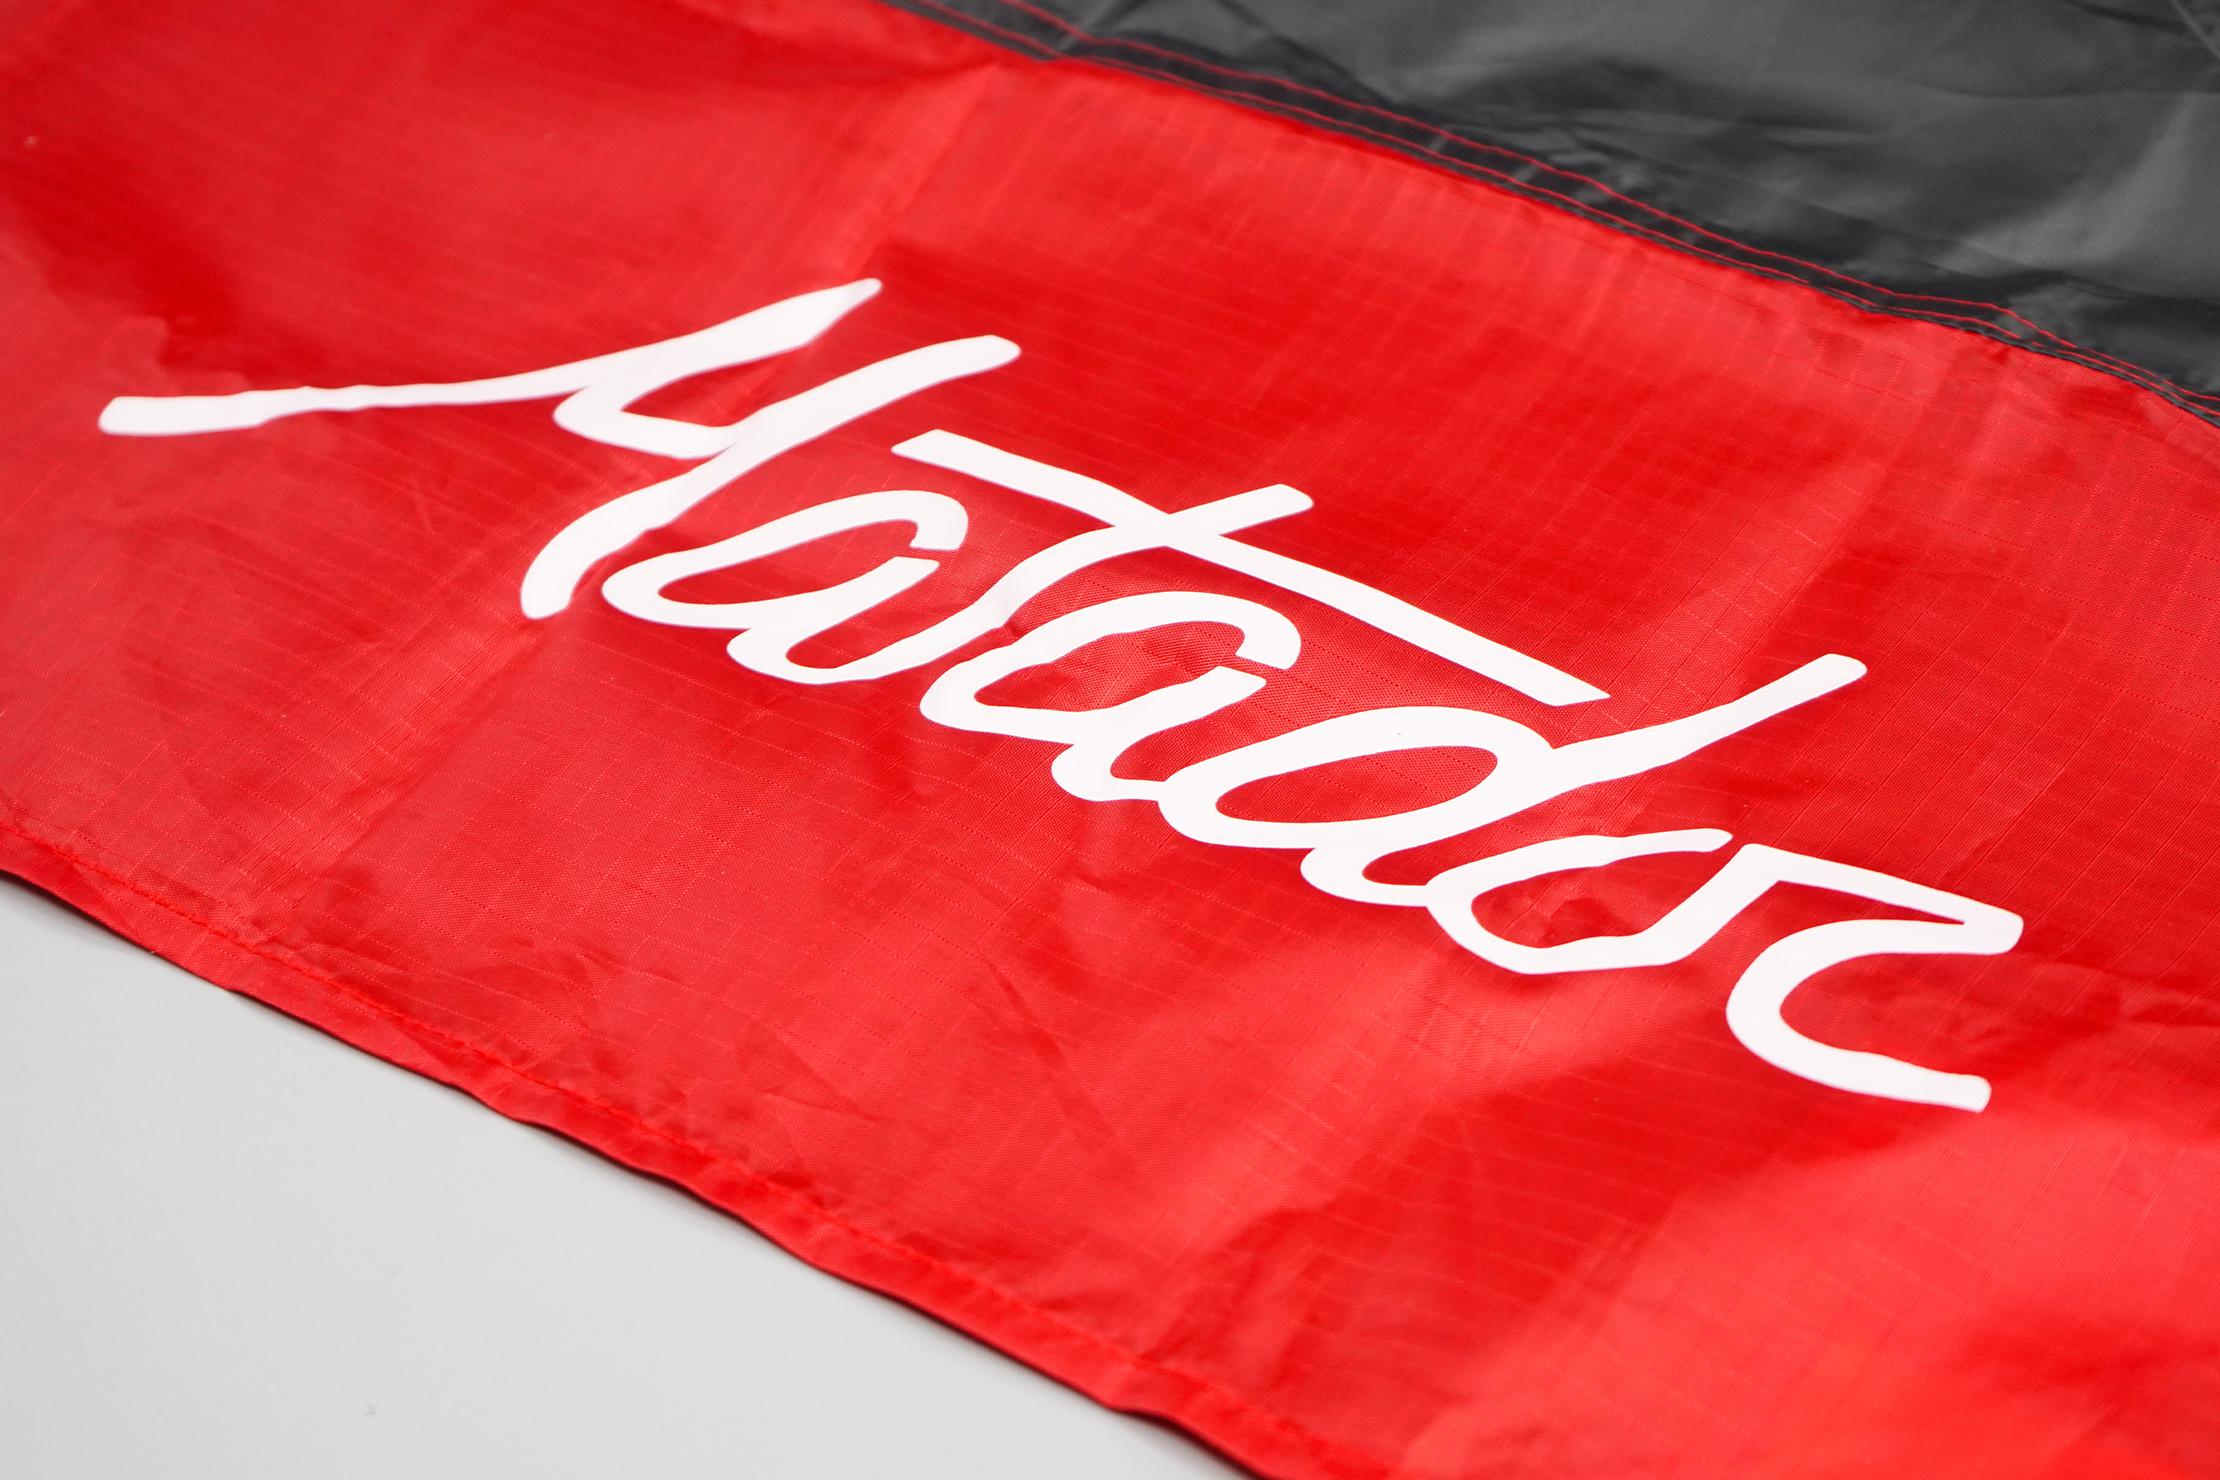 Matador Pocket Blanket 2.0 Material and Logo